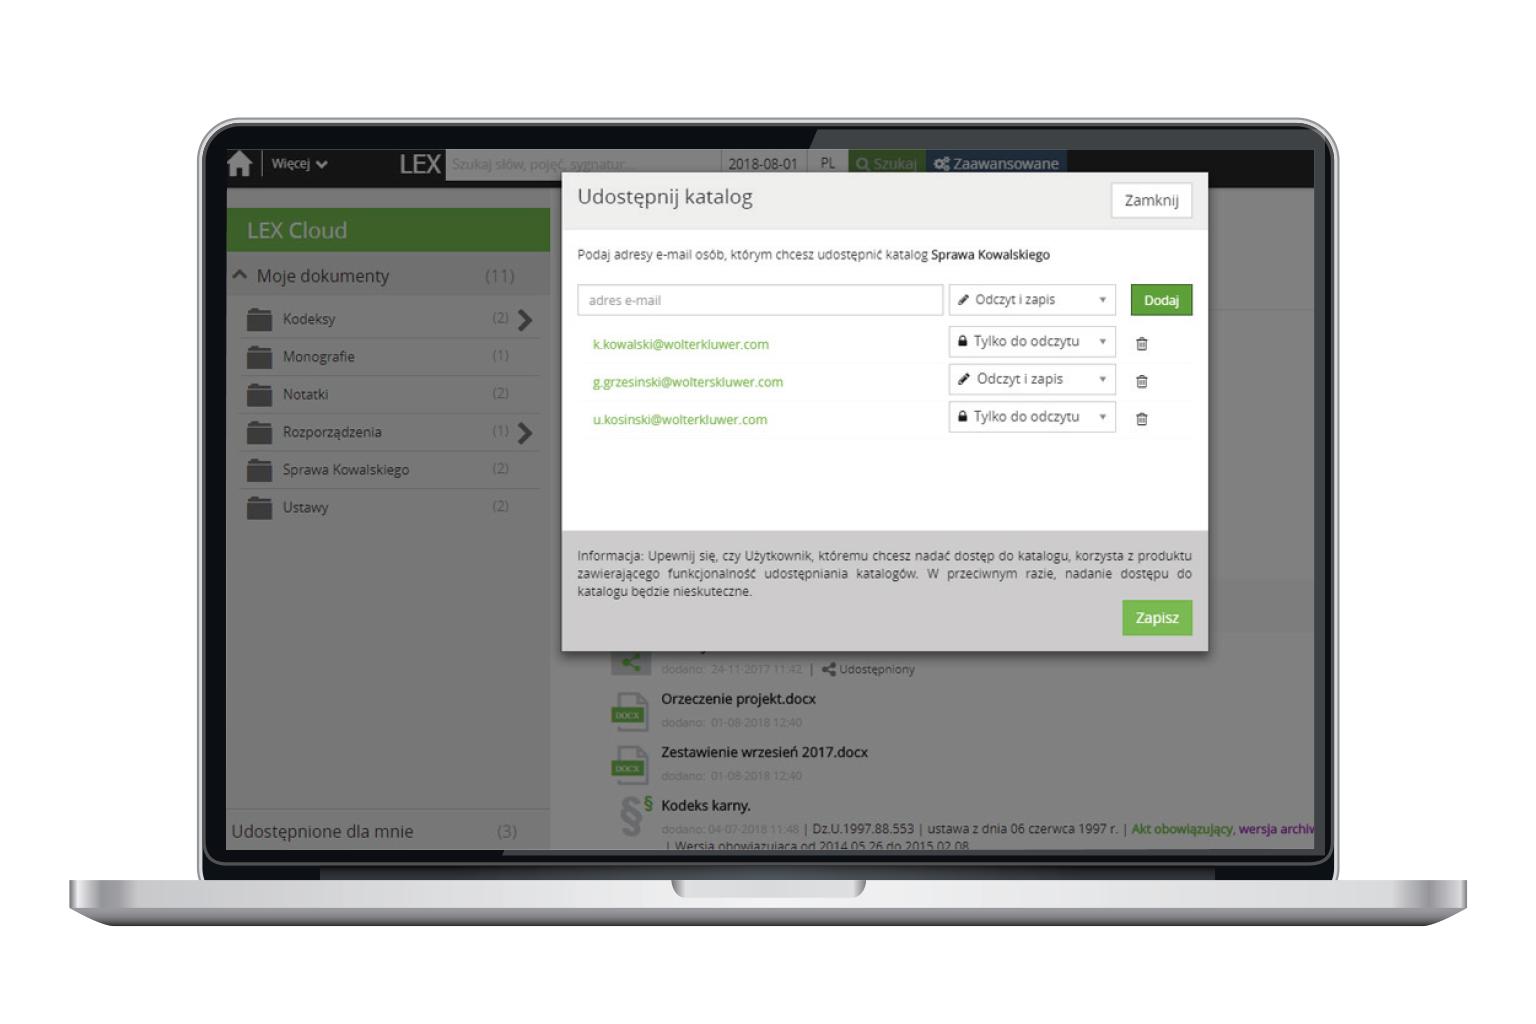 Okno programu LEX Cloud przedstawiające funkcję Udostępnianie katalogów